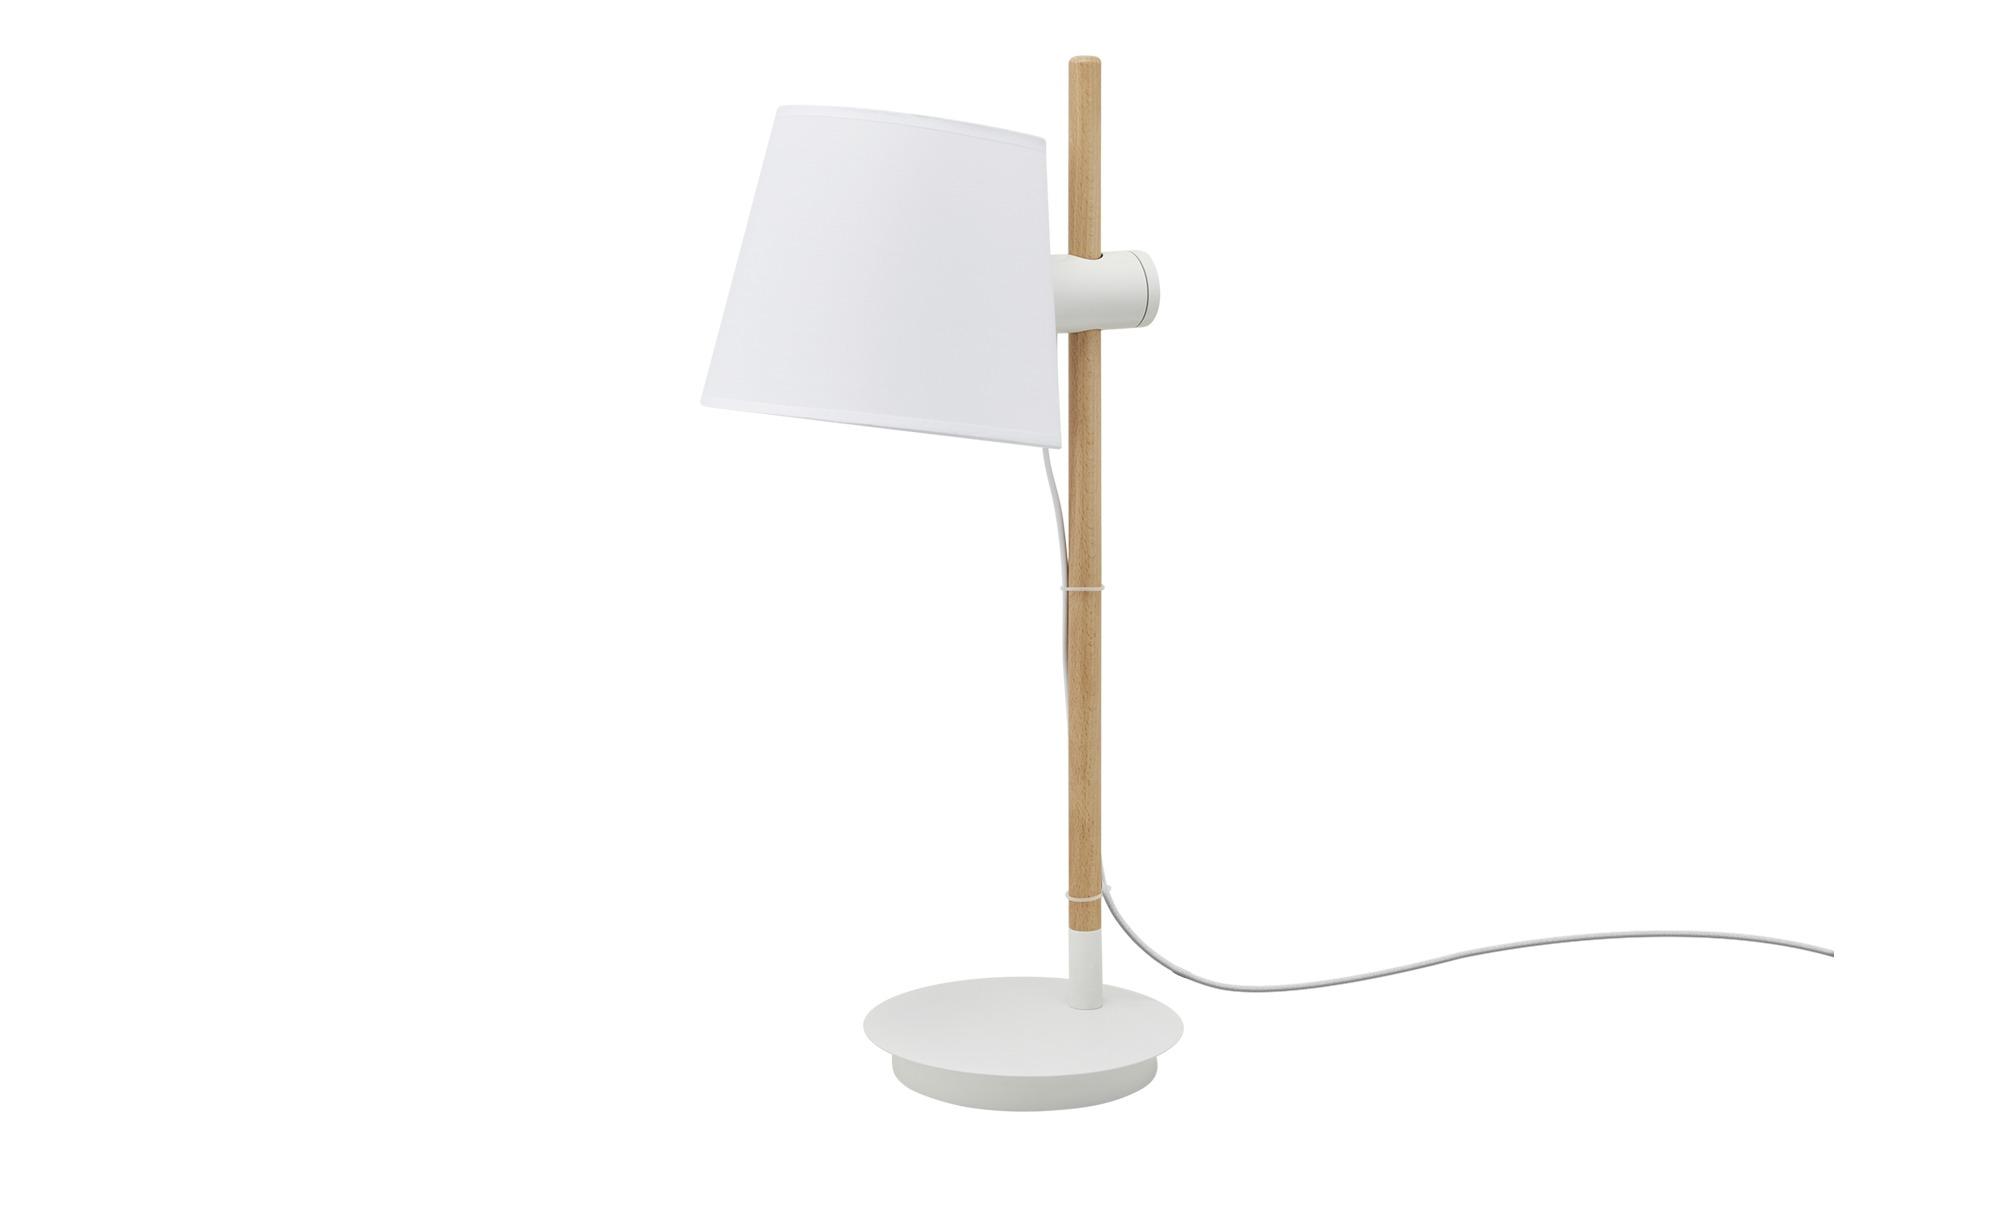 Paul Neuhaus Tischleuchte, 1-flammig ¦ weiß ¦ Maße (cm): B: 37 H: 68 Lampen & Leuchten > Innenleuchten > Tischlampen - Höffner